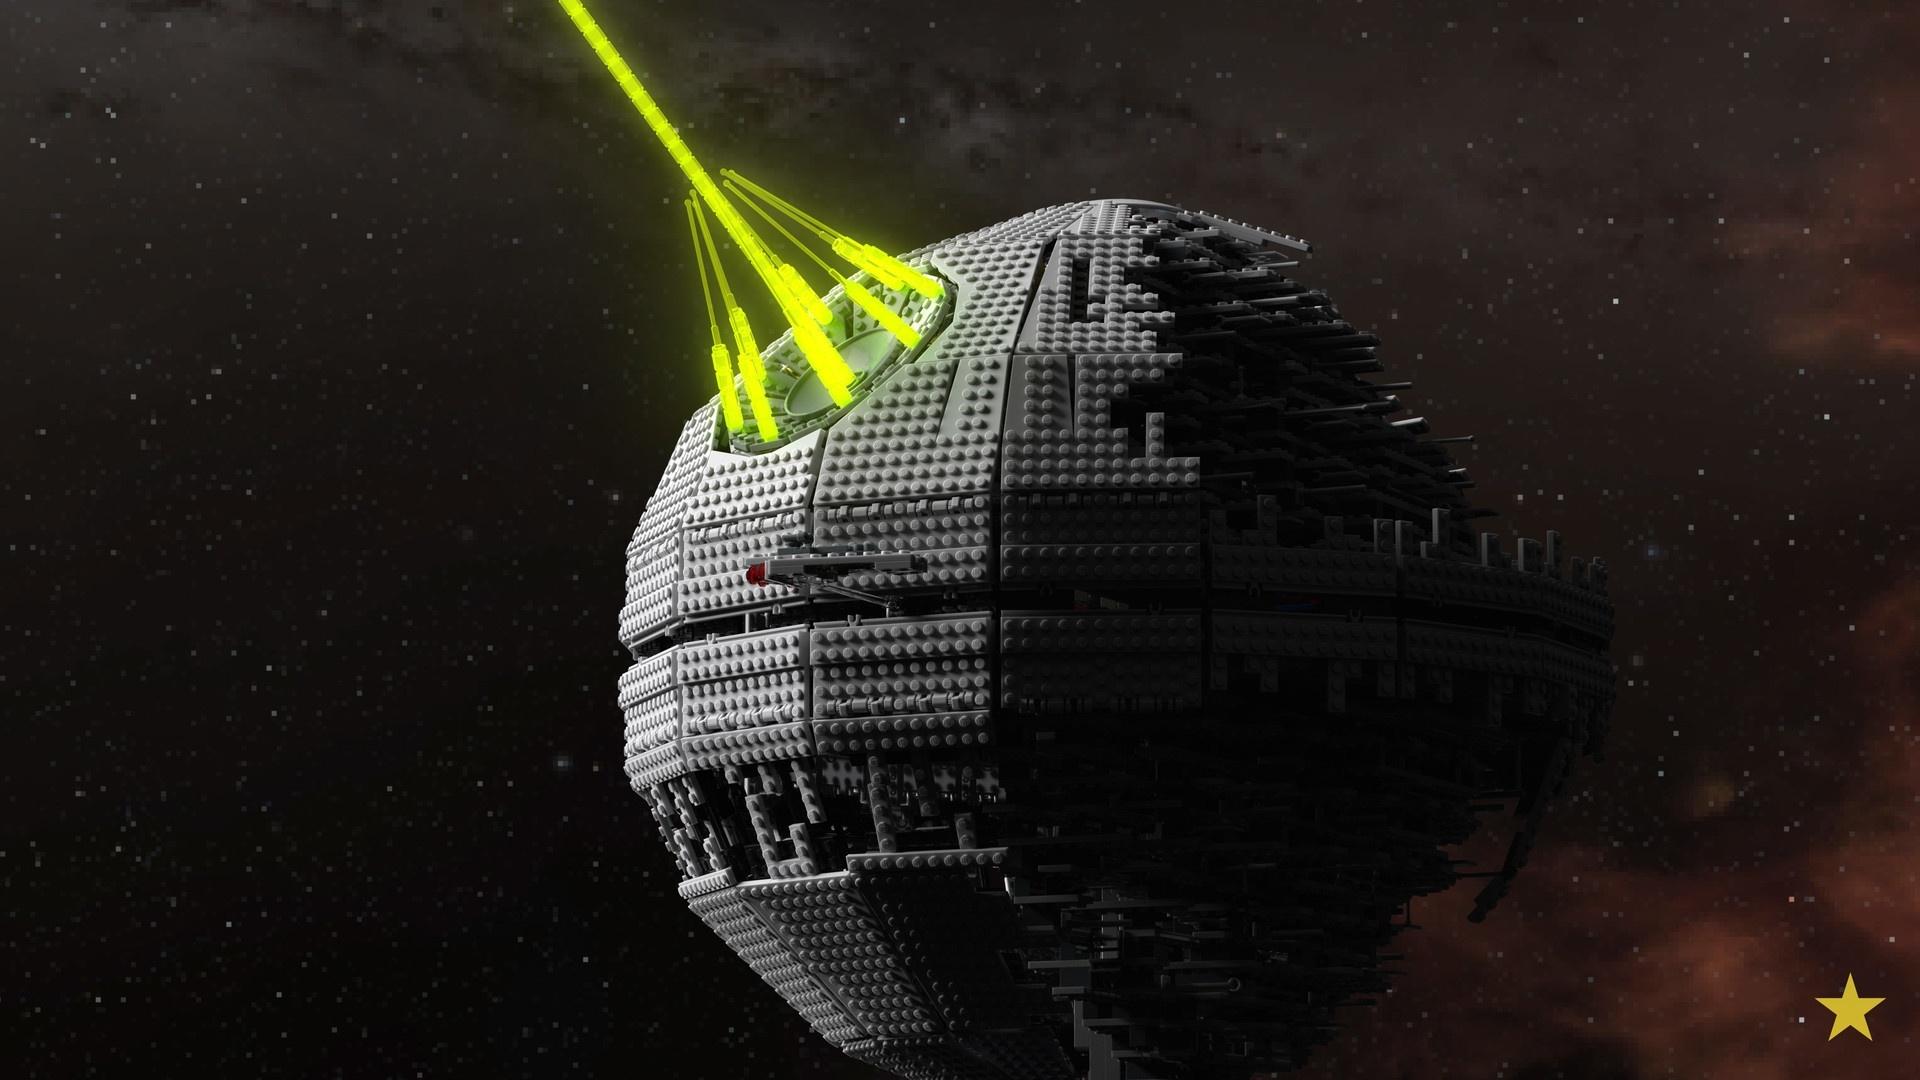 Death Star free background